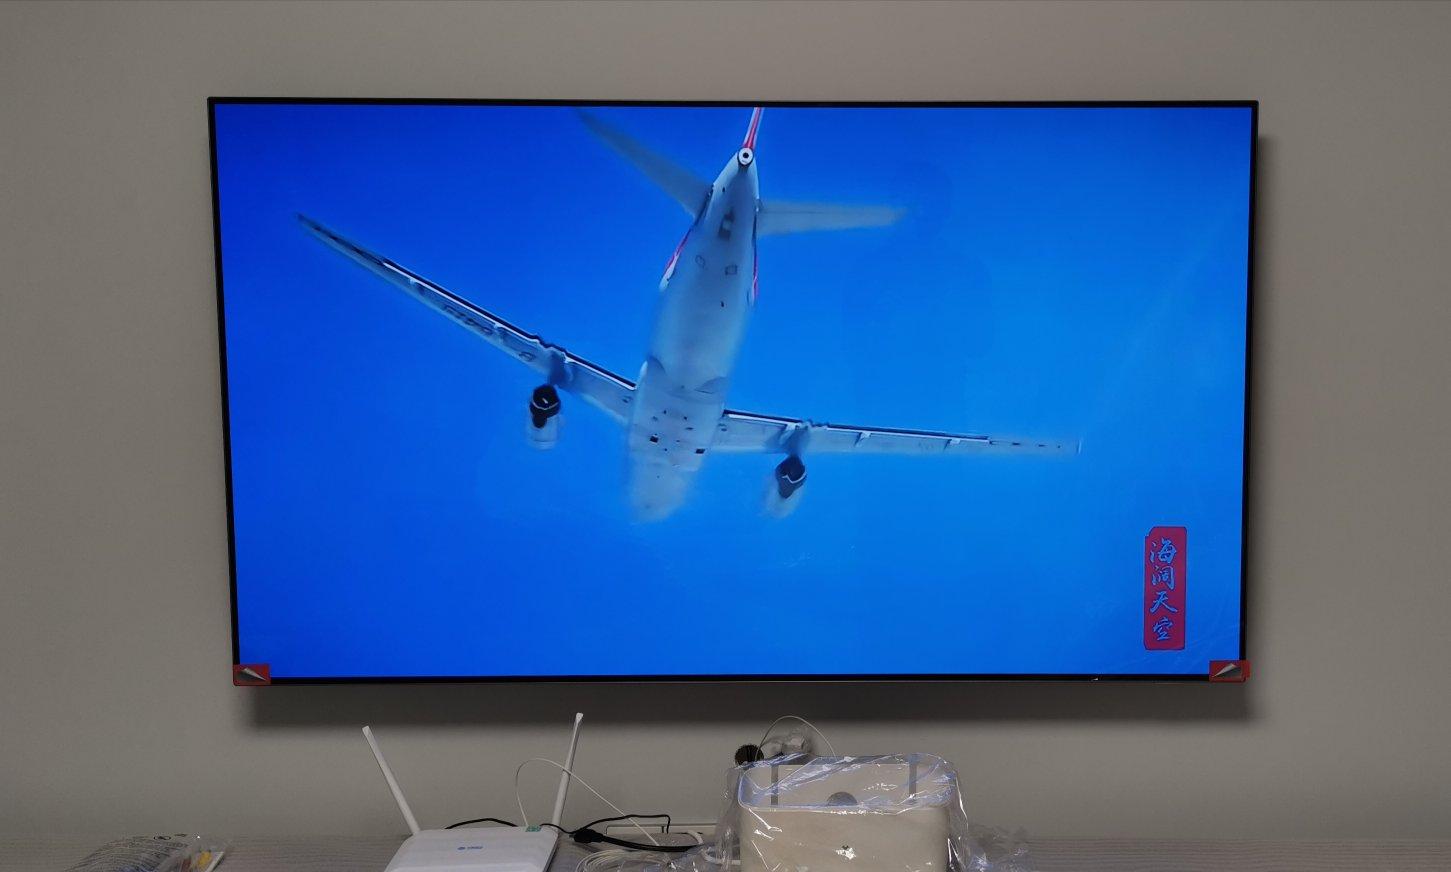 飞利浦65英寸OLED超轻薄电视,家居也搭配高端电视